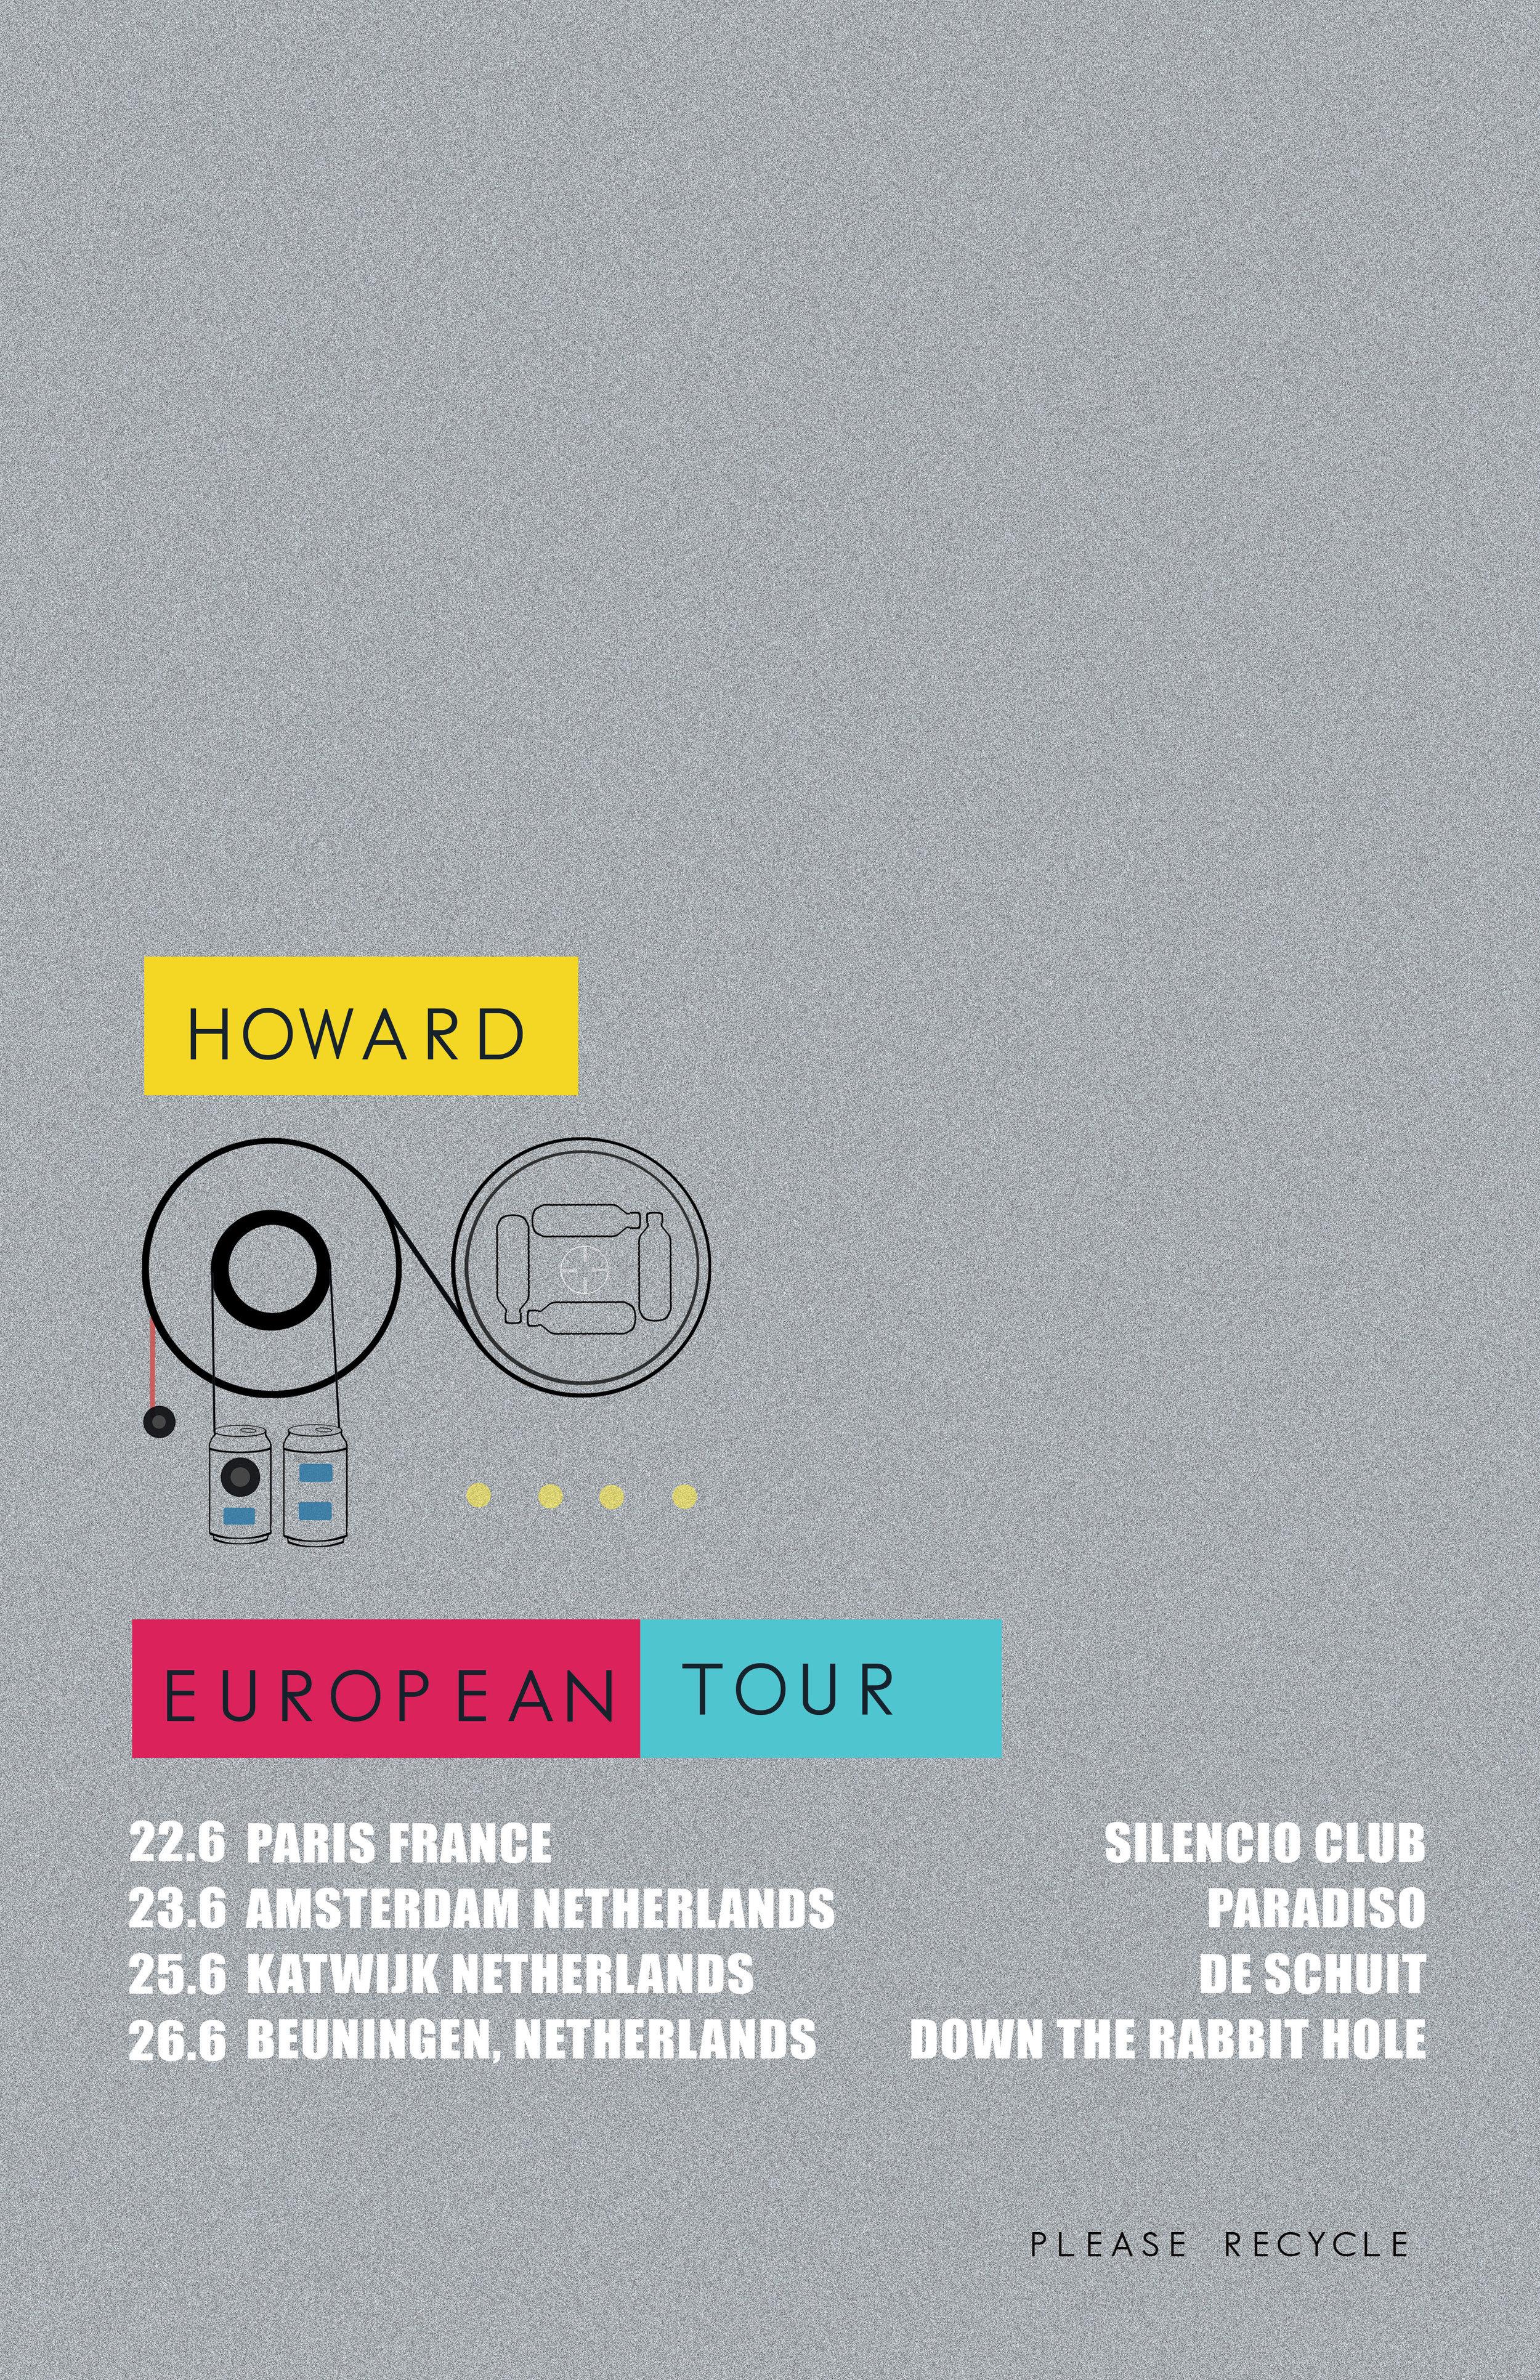 Howard-PR-Europe-Tour-V2.jpg